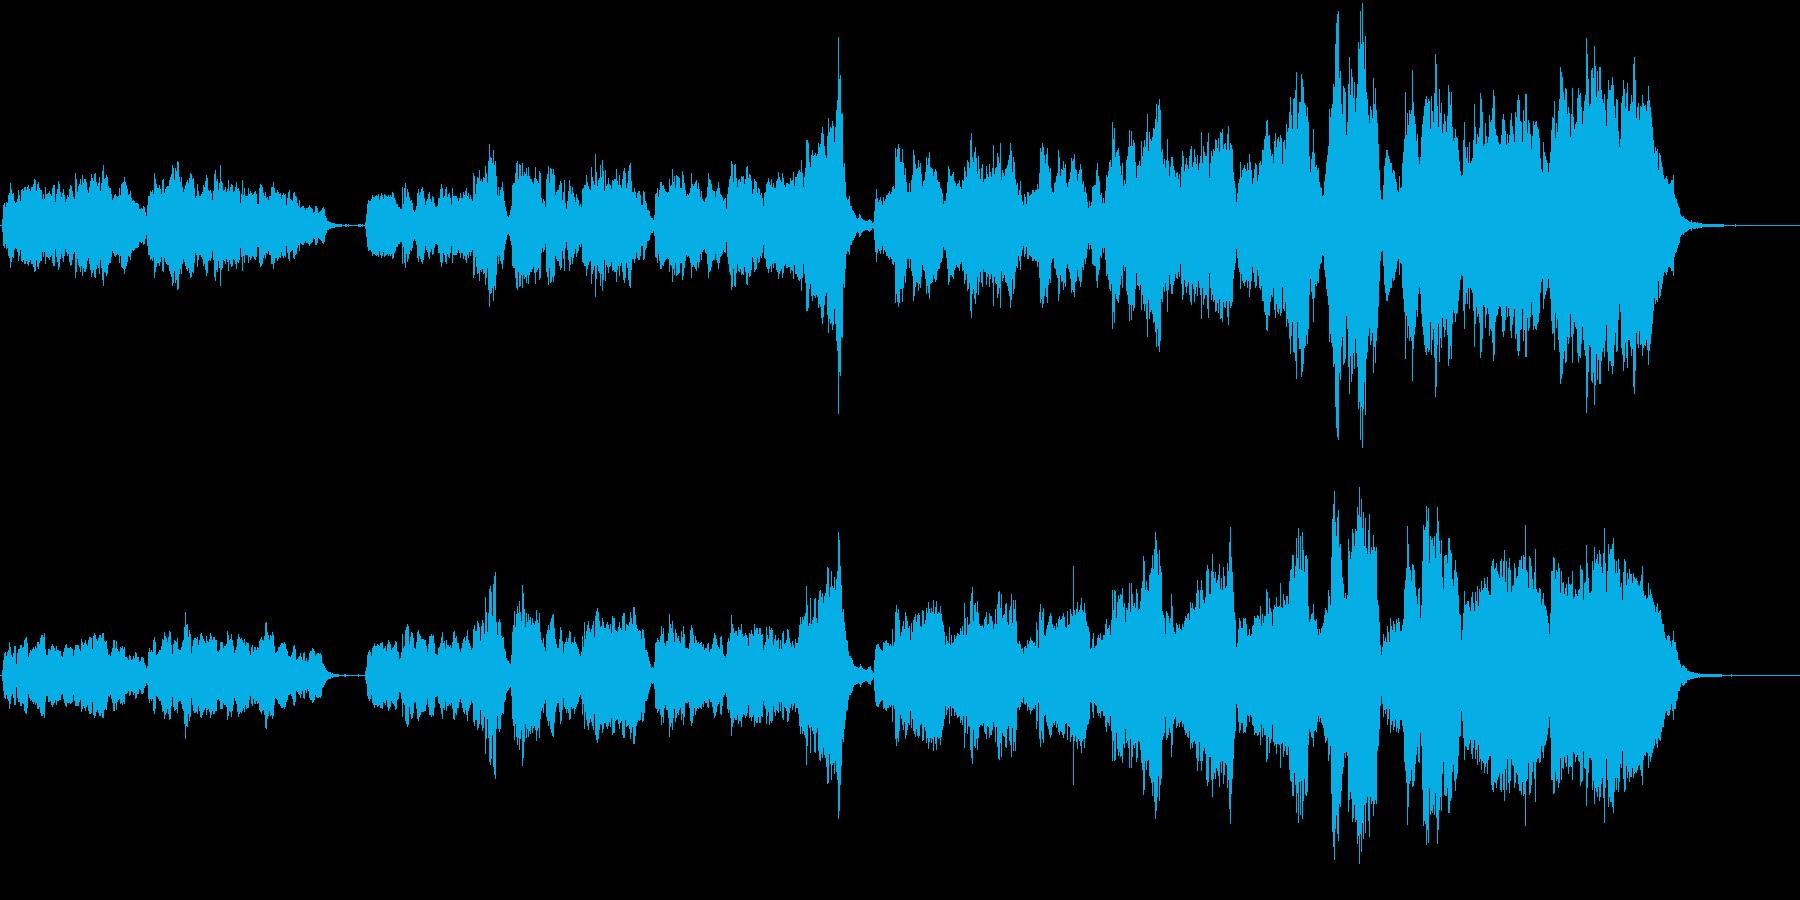 女性ボーカルによるアカペラ仕立ての結婚曲の再生済みの波形